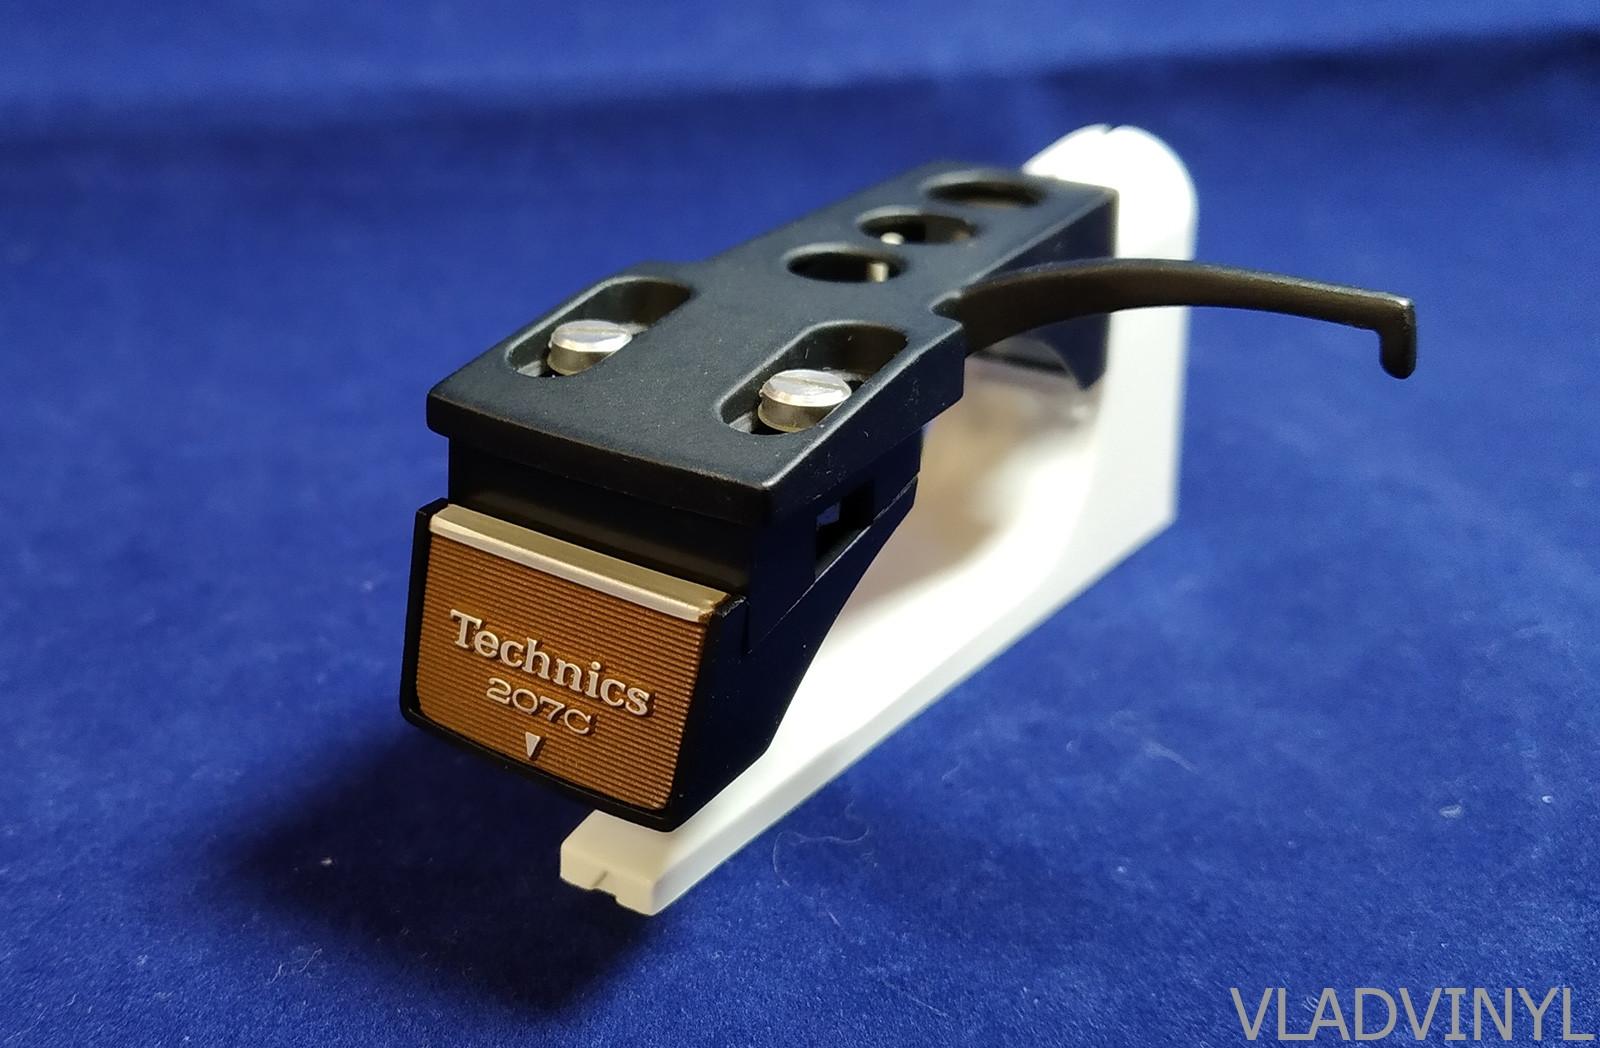 Technics EPC-207C